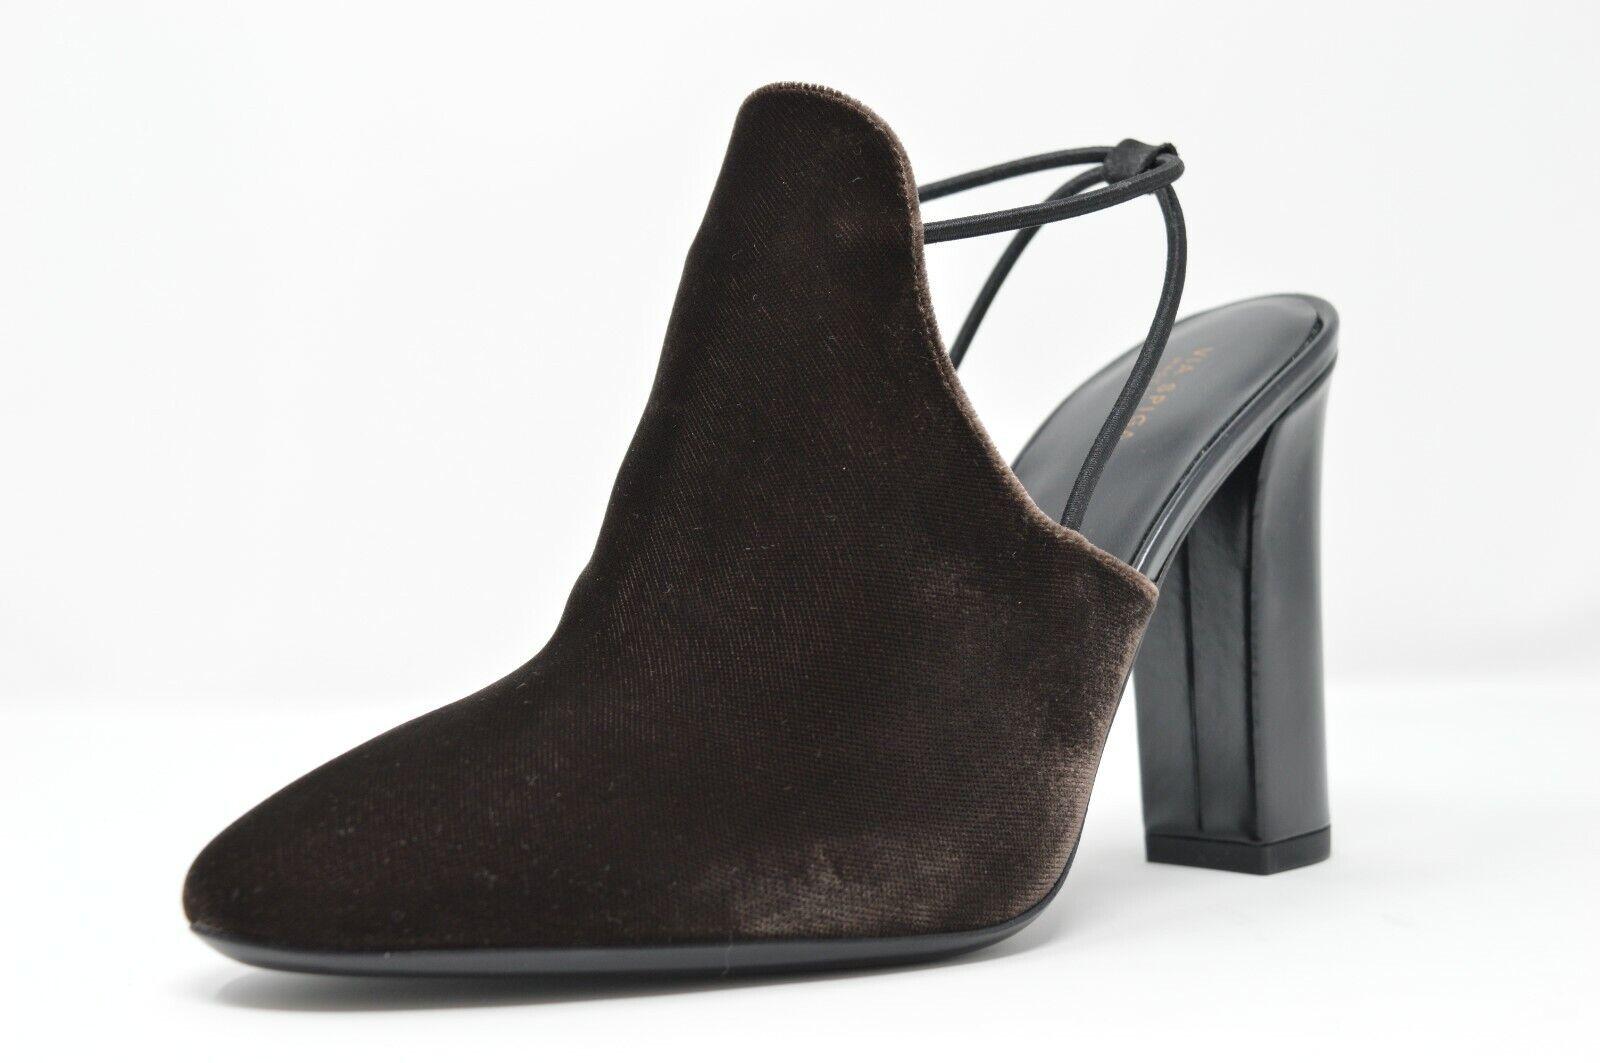 Via Spiga Arina Women's Slingback Heels shoes Brown Bark Velvet, Size 8.5 -  295